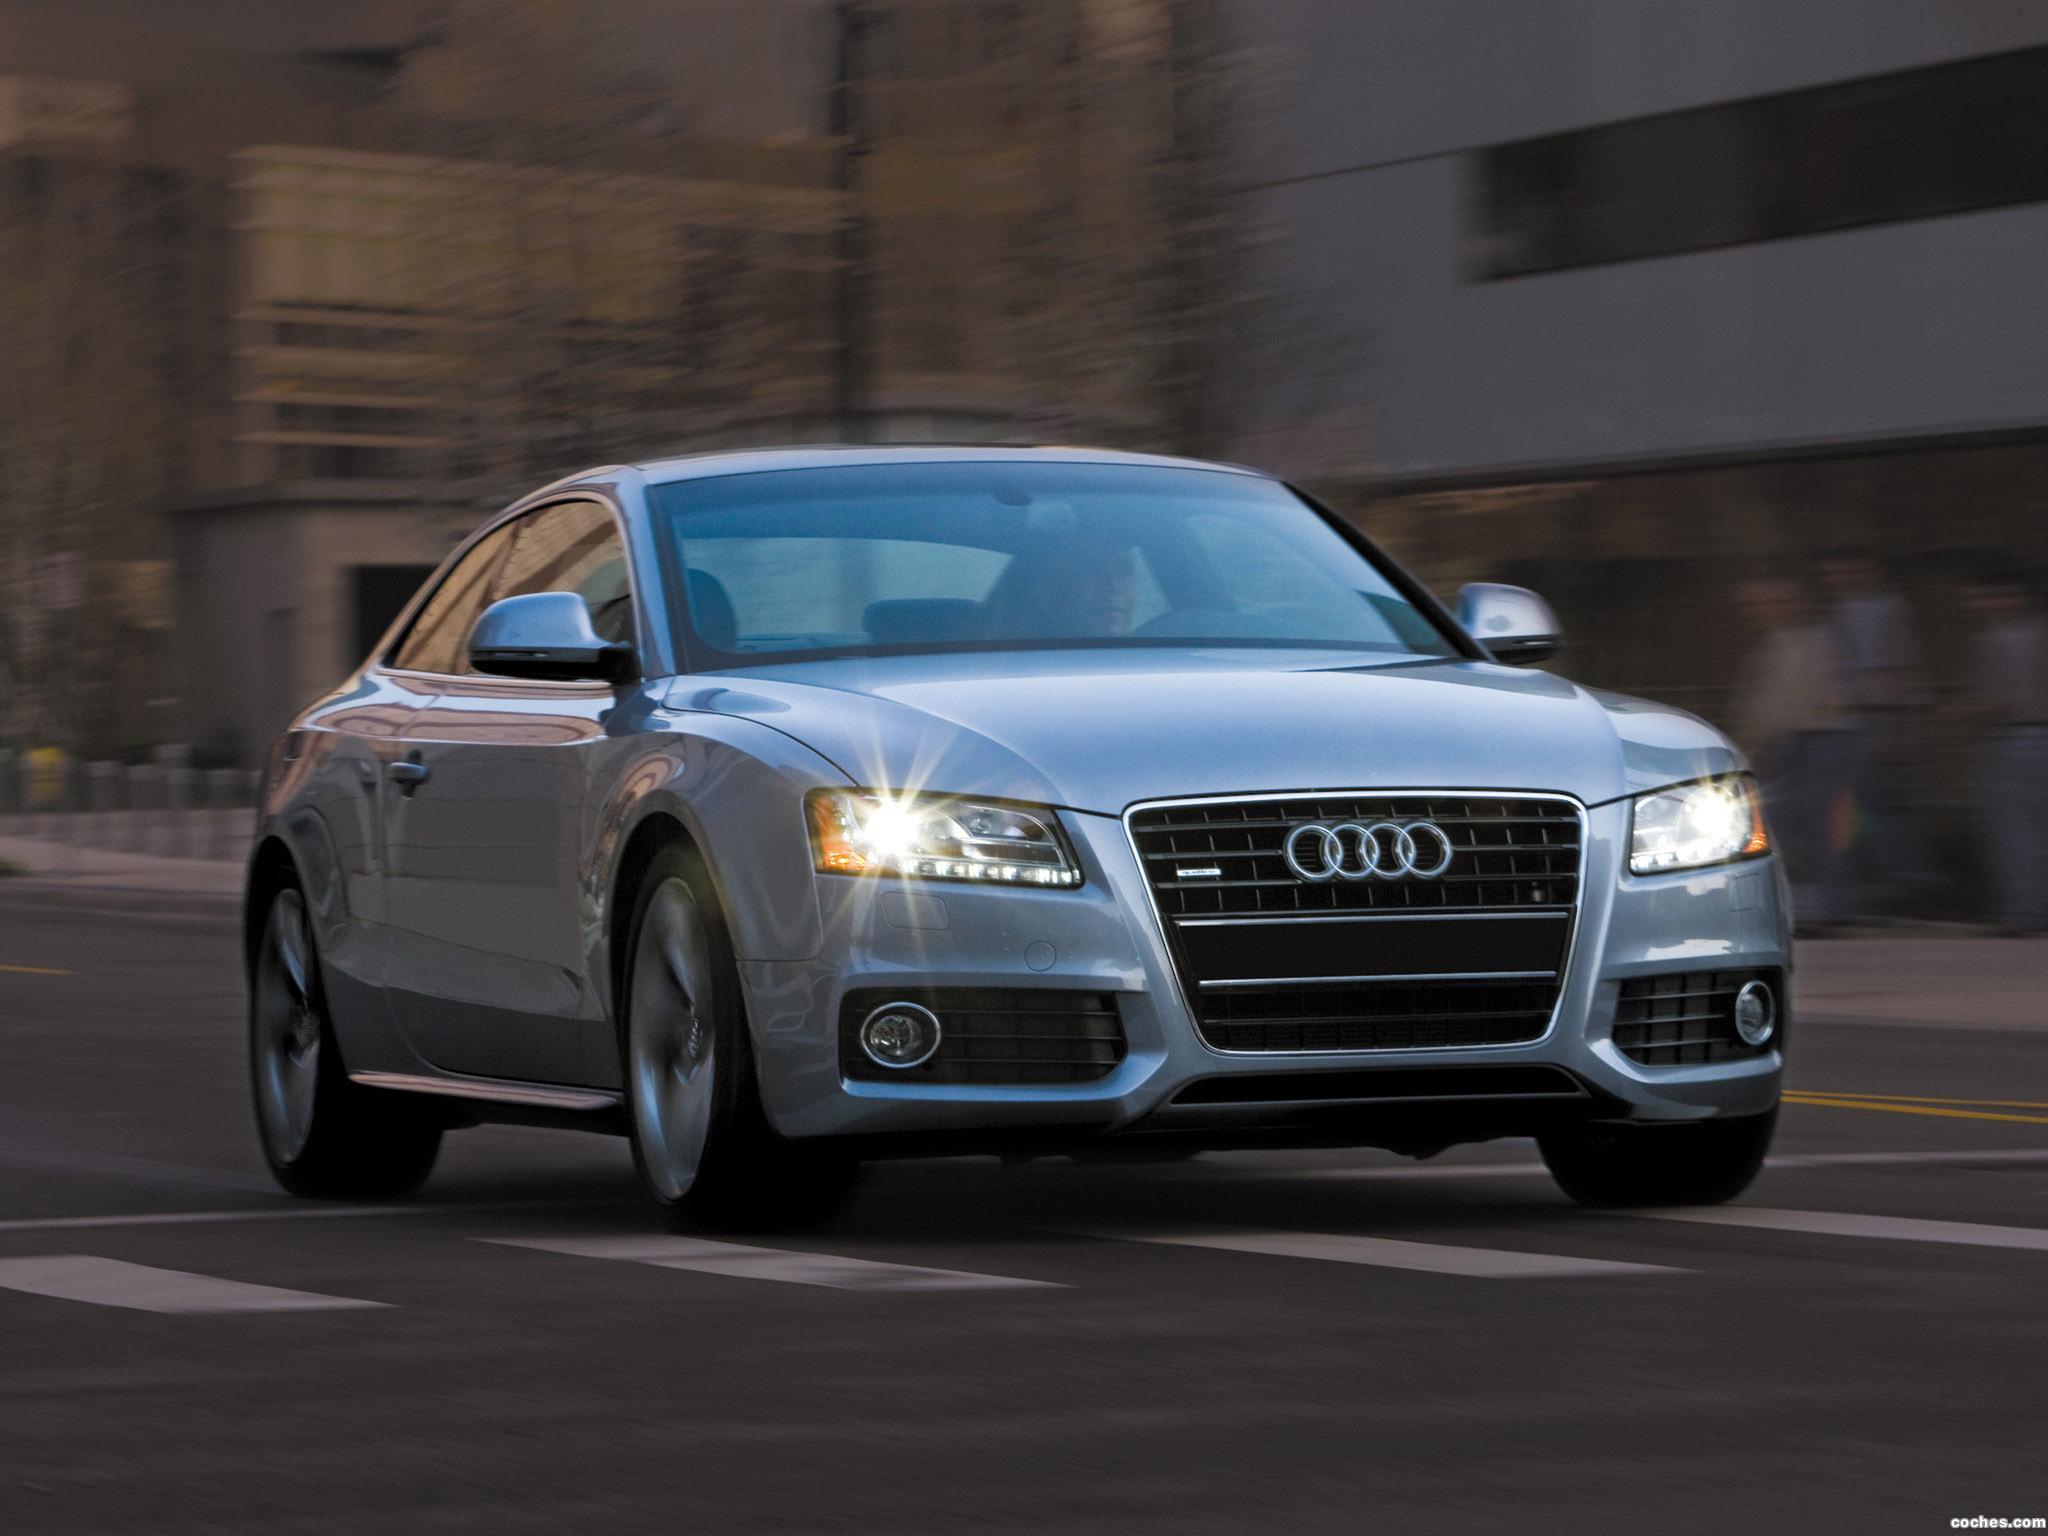 Foto 0 de Audi A5 S-Line USA 2008